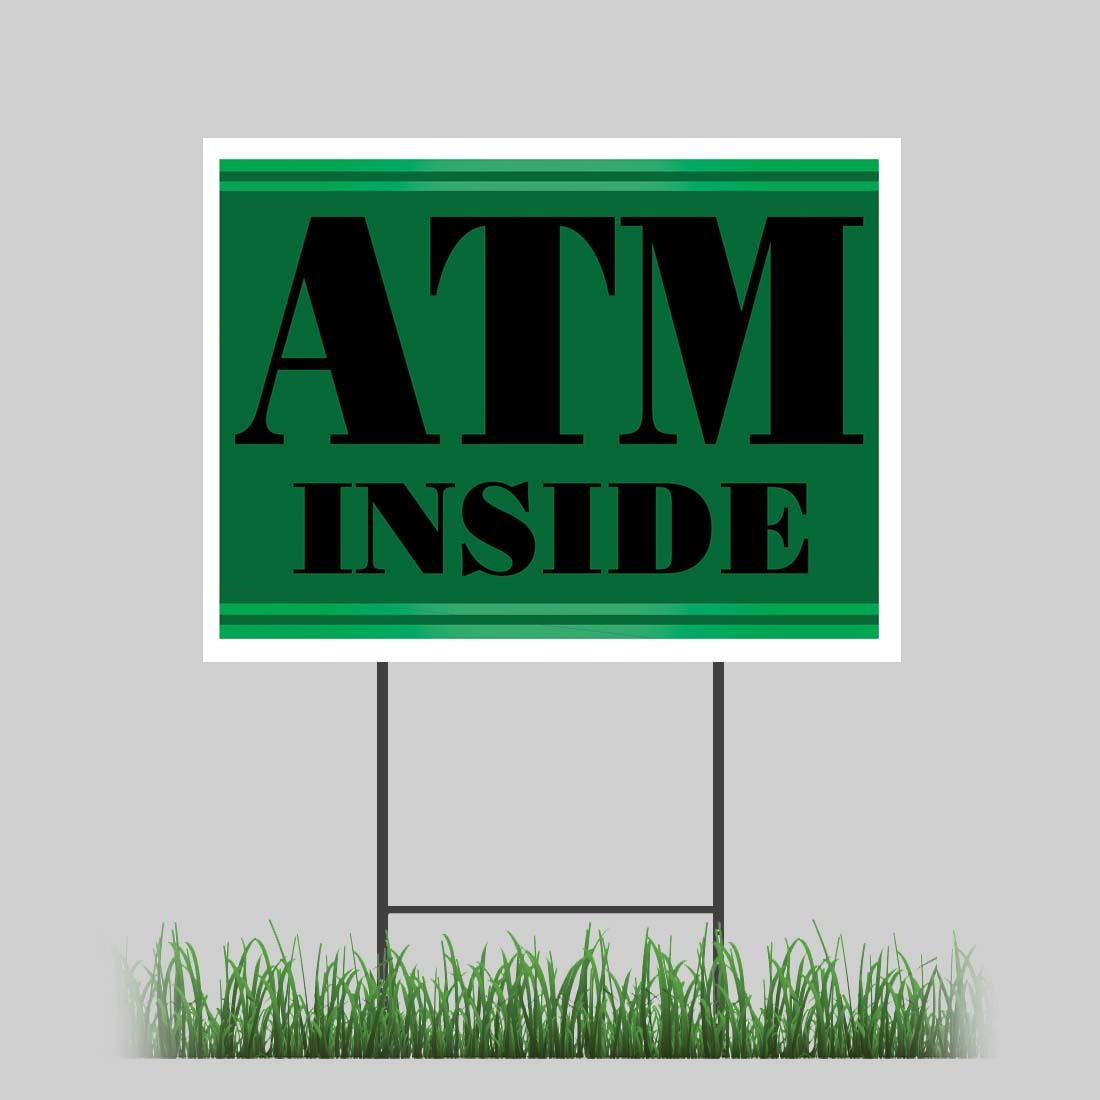 18 x24 atm inside 2 yard sign retail store business bank card vinyl yard sign ebay. Black Bedroom Furniture Sets. Home Design Ideas